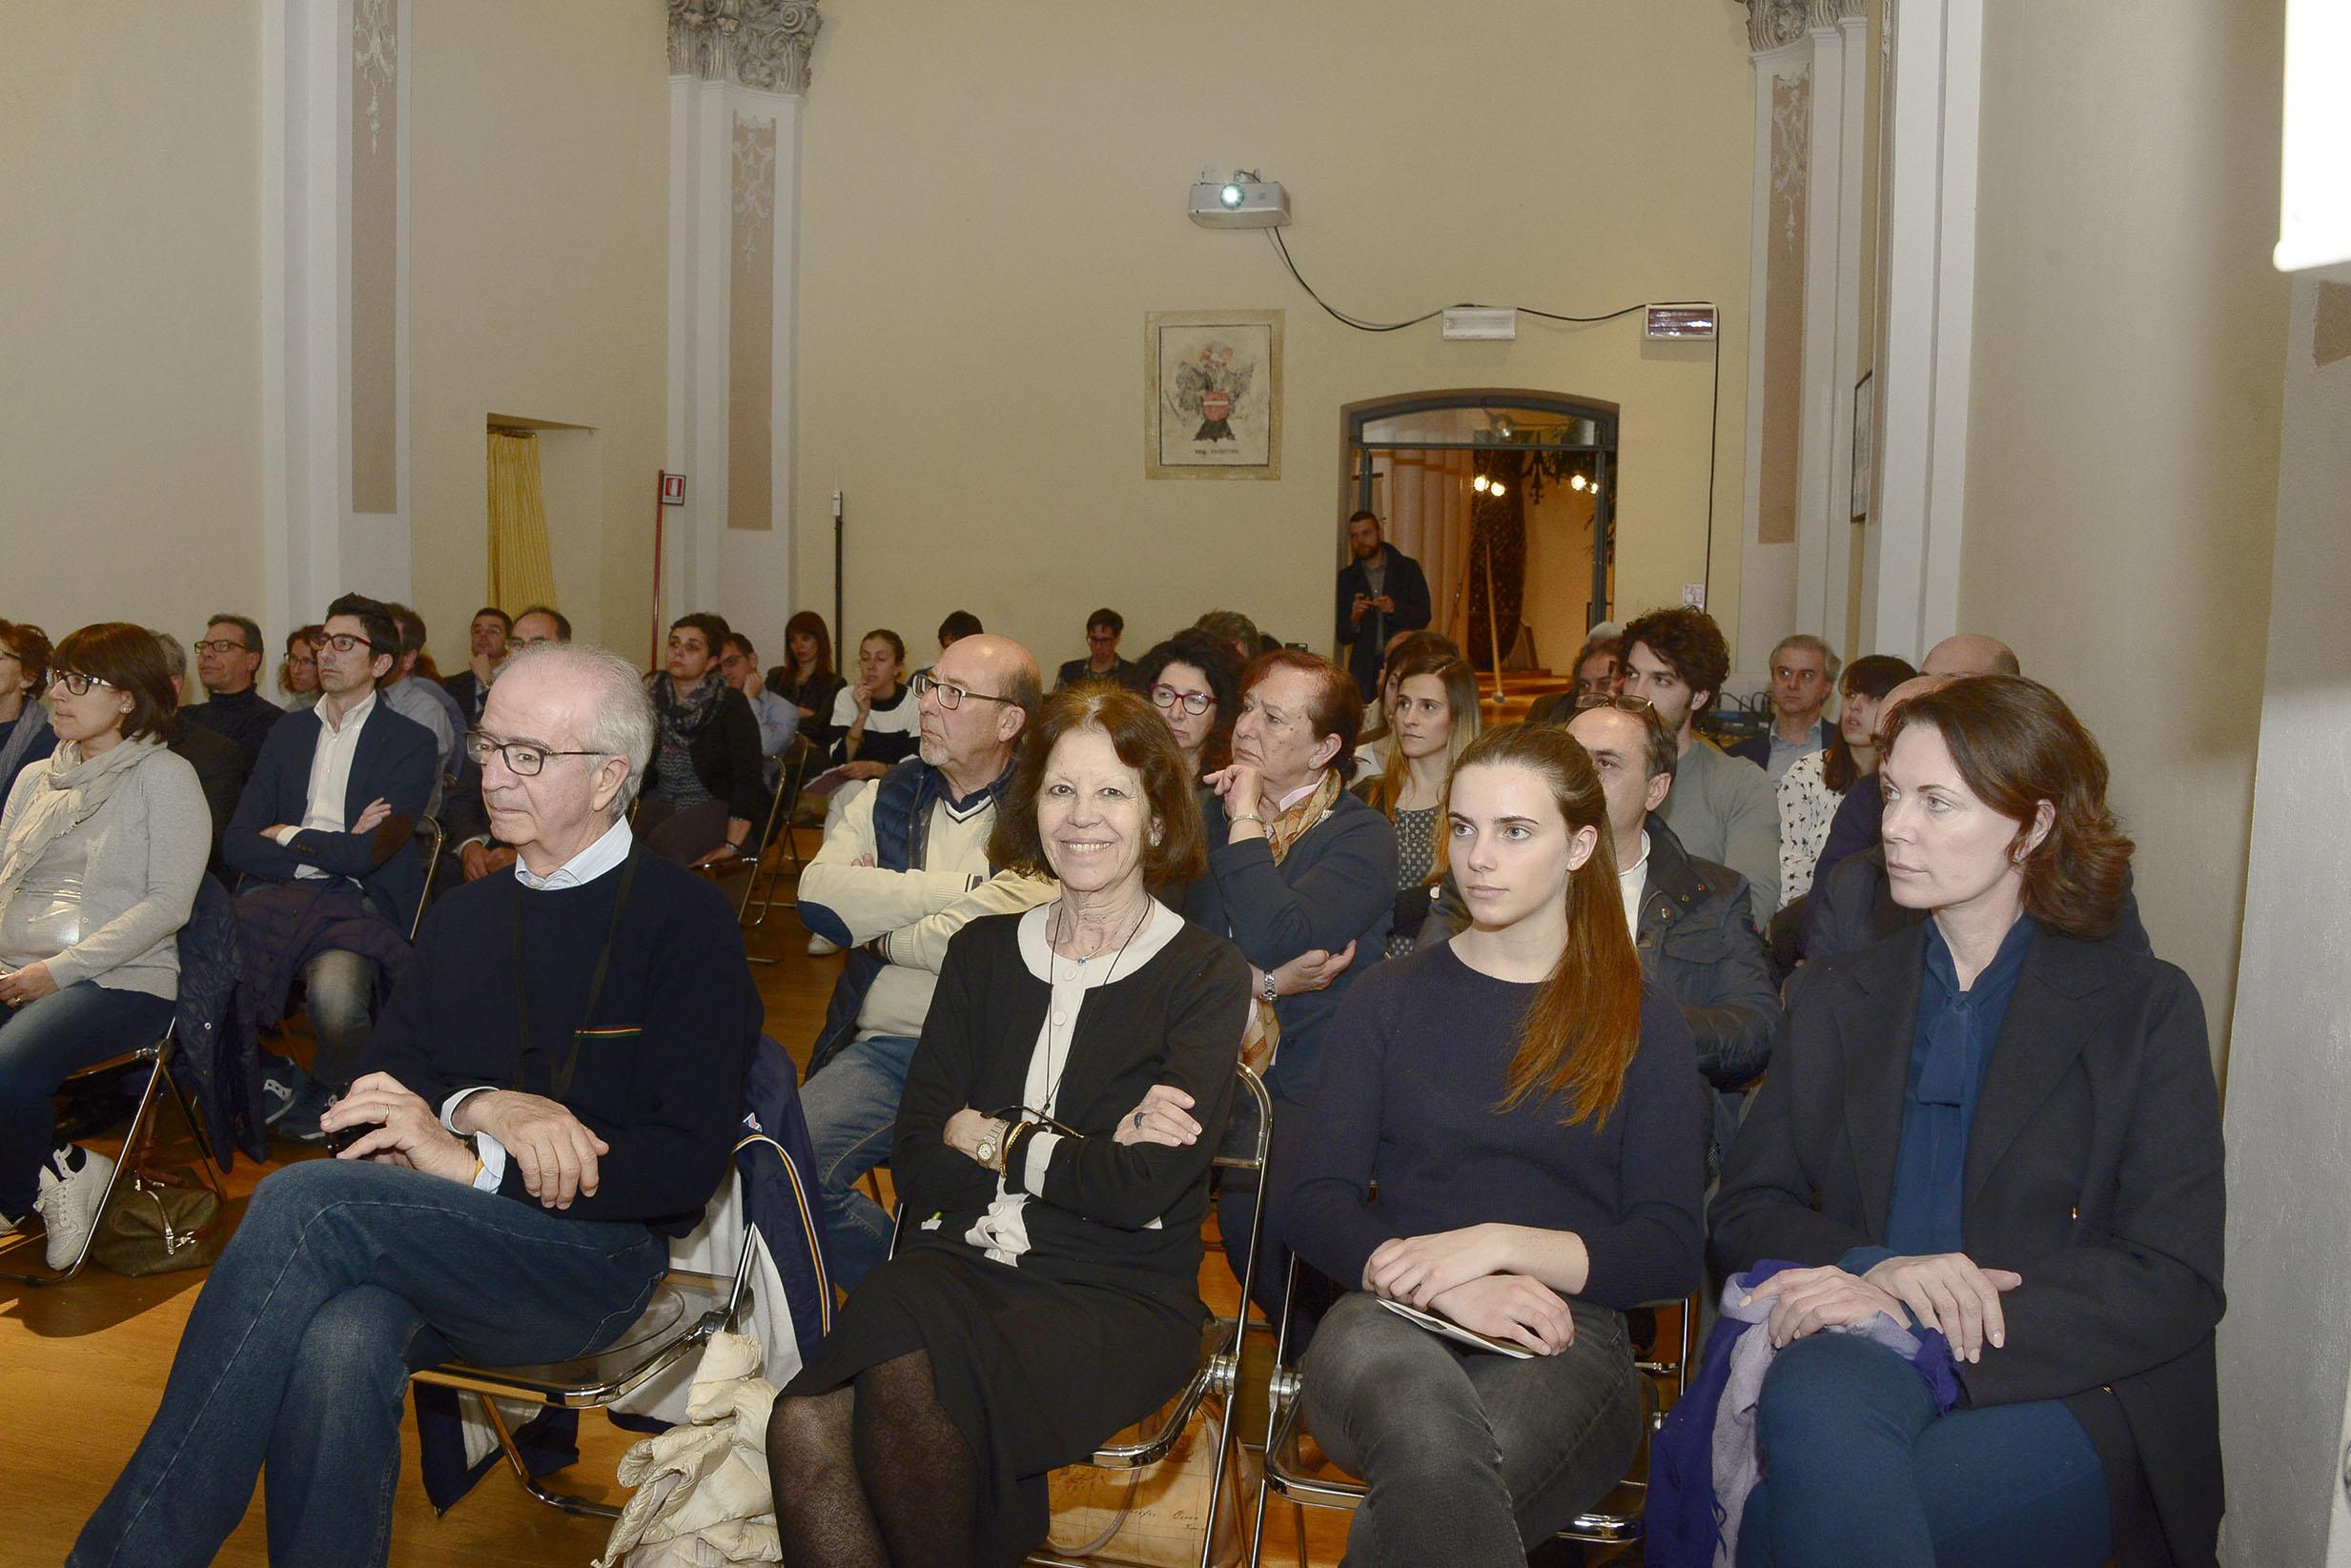 Associazione Lodi Liberale - Presentazione del libro Le belle cittAi?? Franco Romano, TatA?, Maggi, Montini